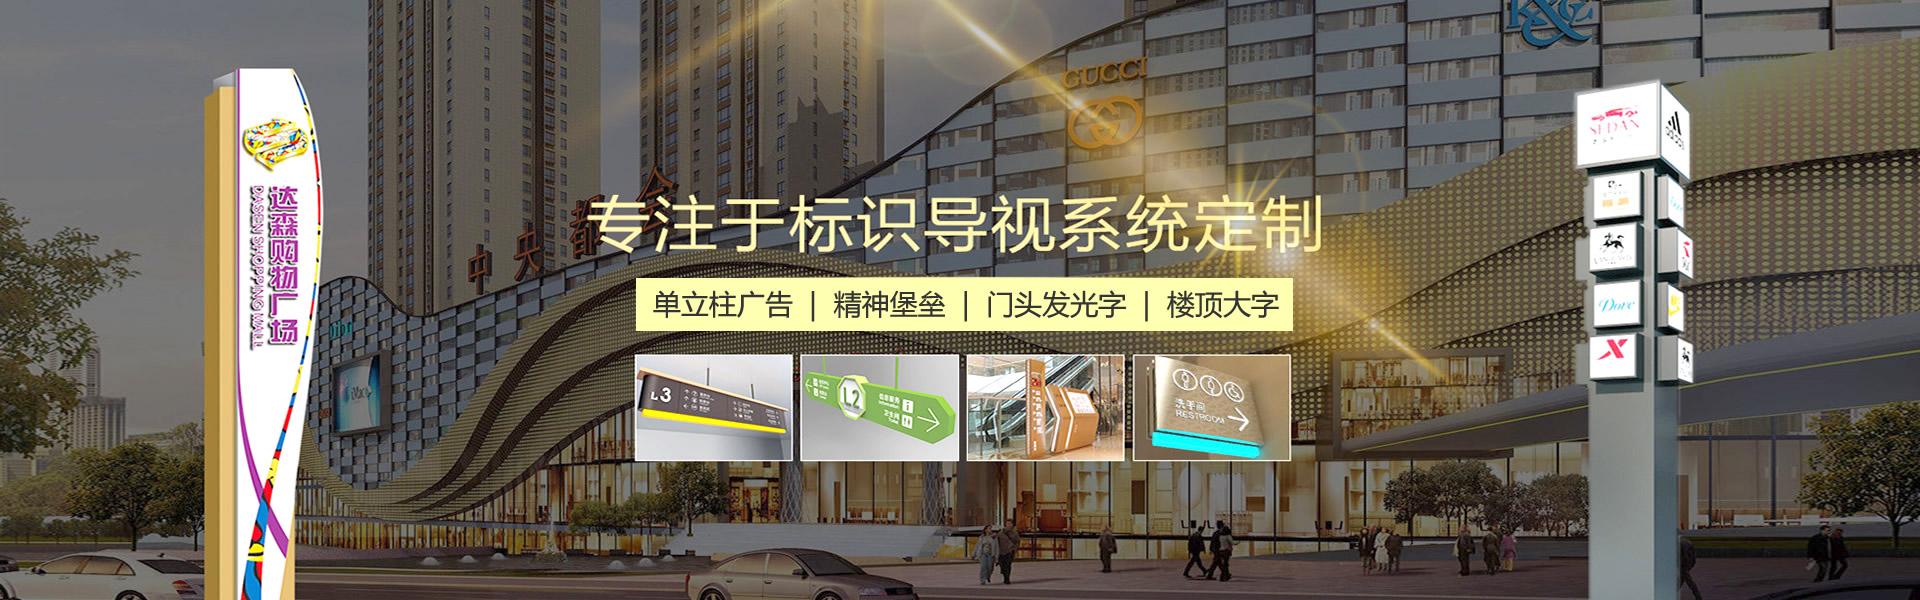 咸阳门头广告牌匾制作